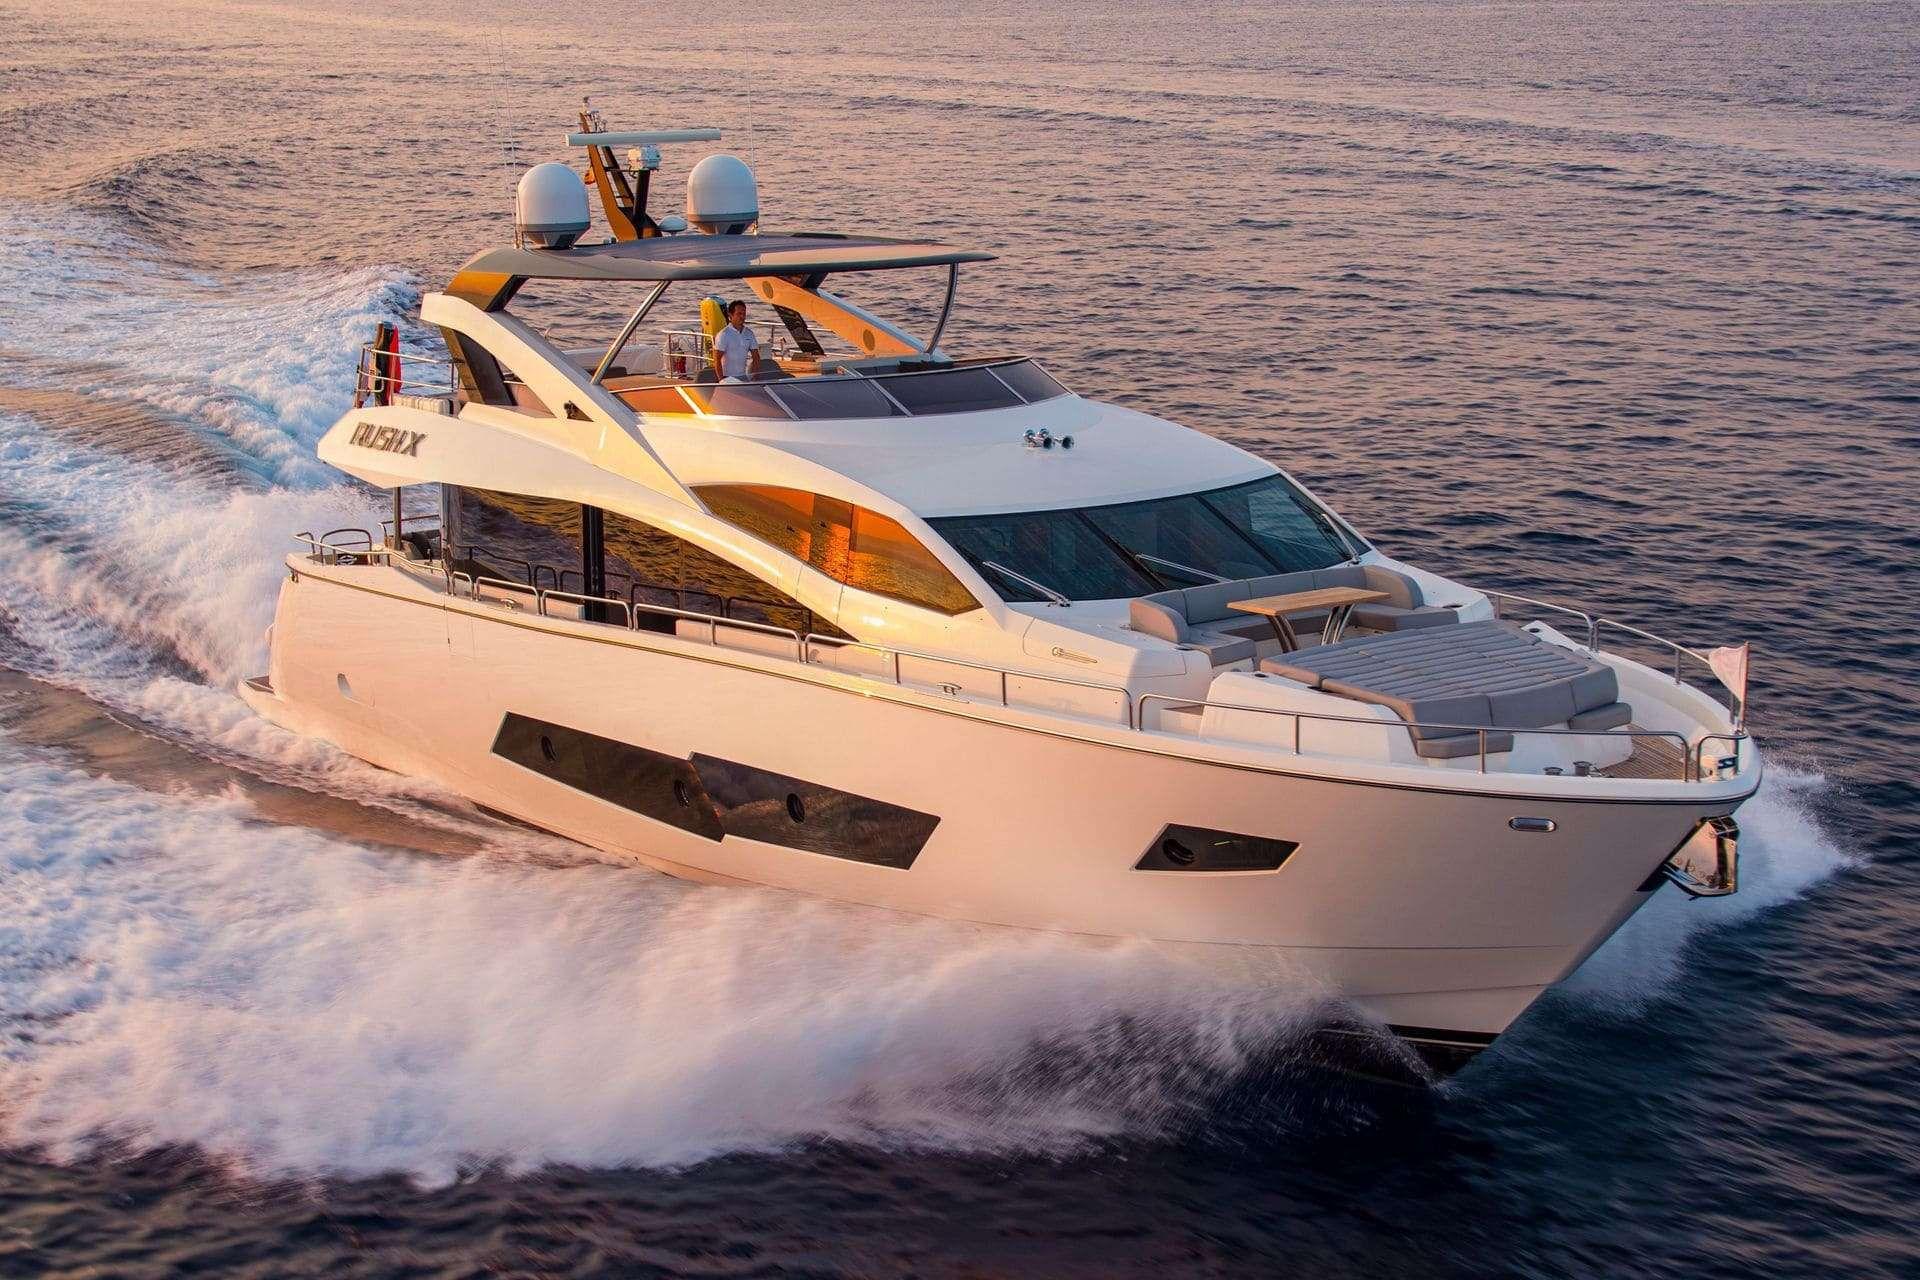 RUSH X - Sunseeker 86 Yacht - 4 Cabins - Palma de Mallorca - Ibiza - Menorca